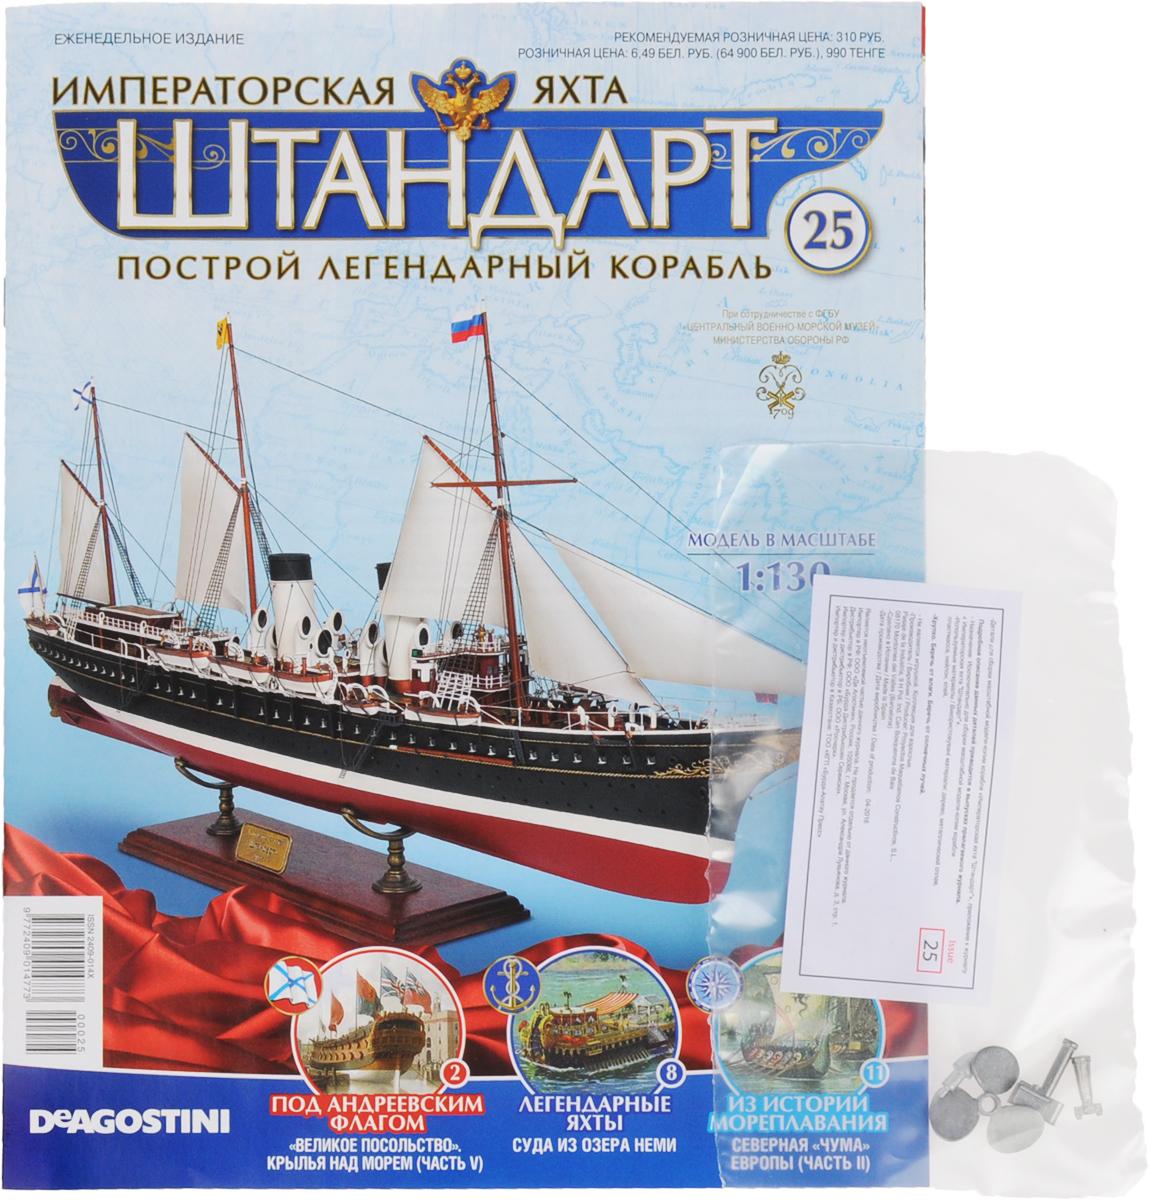 Журнал Императорская яхтаШТАНДАРТ №25